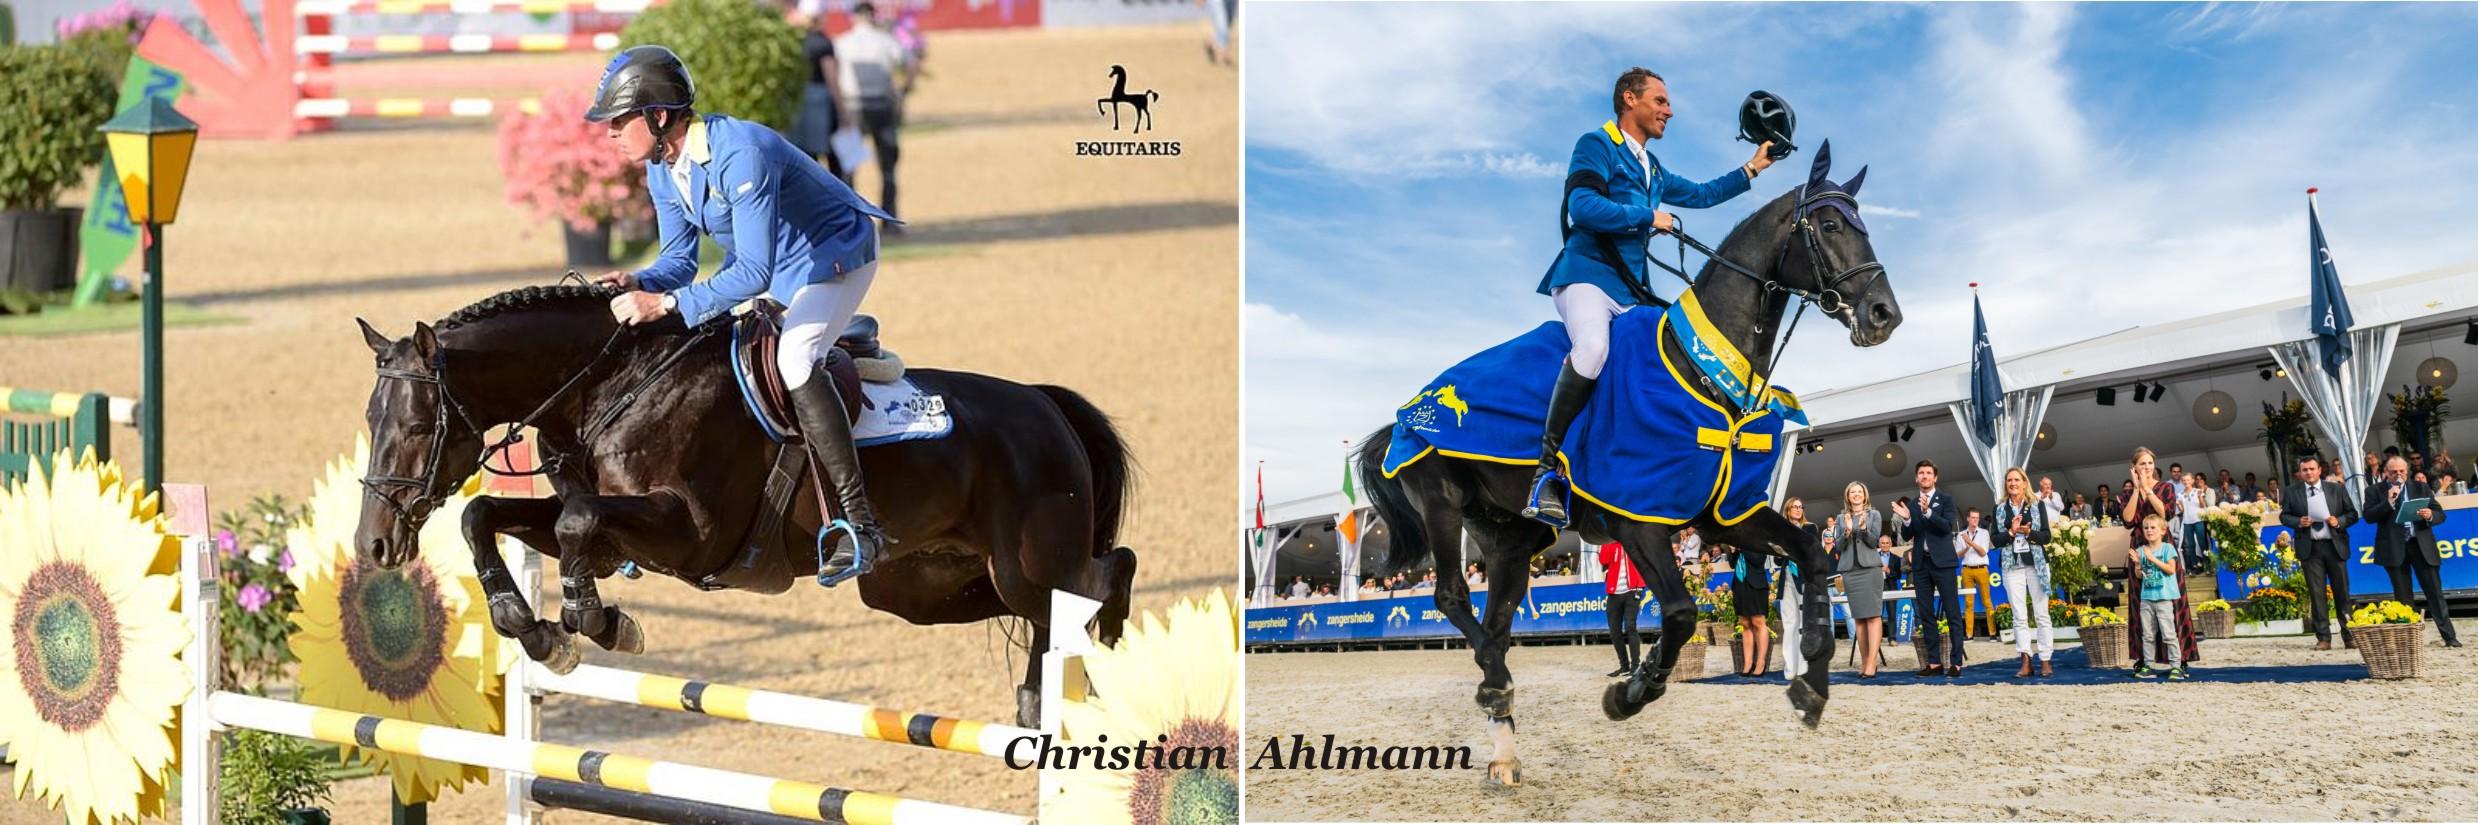 Чемпионат мира по конкуру среди молодых лошадей_(выпуск журнала №42)